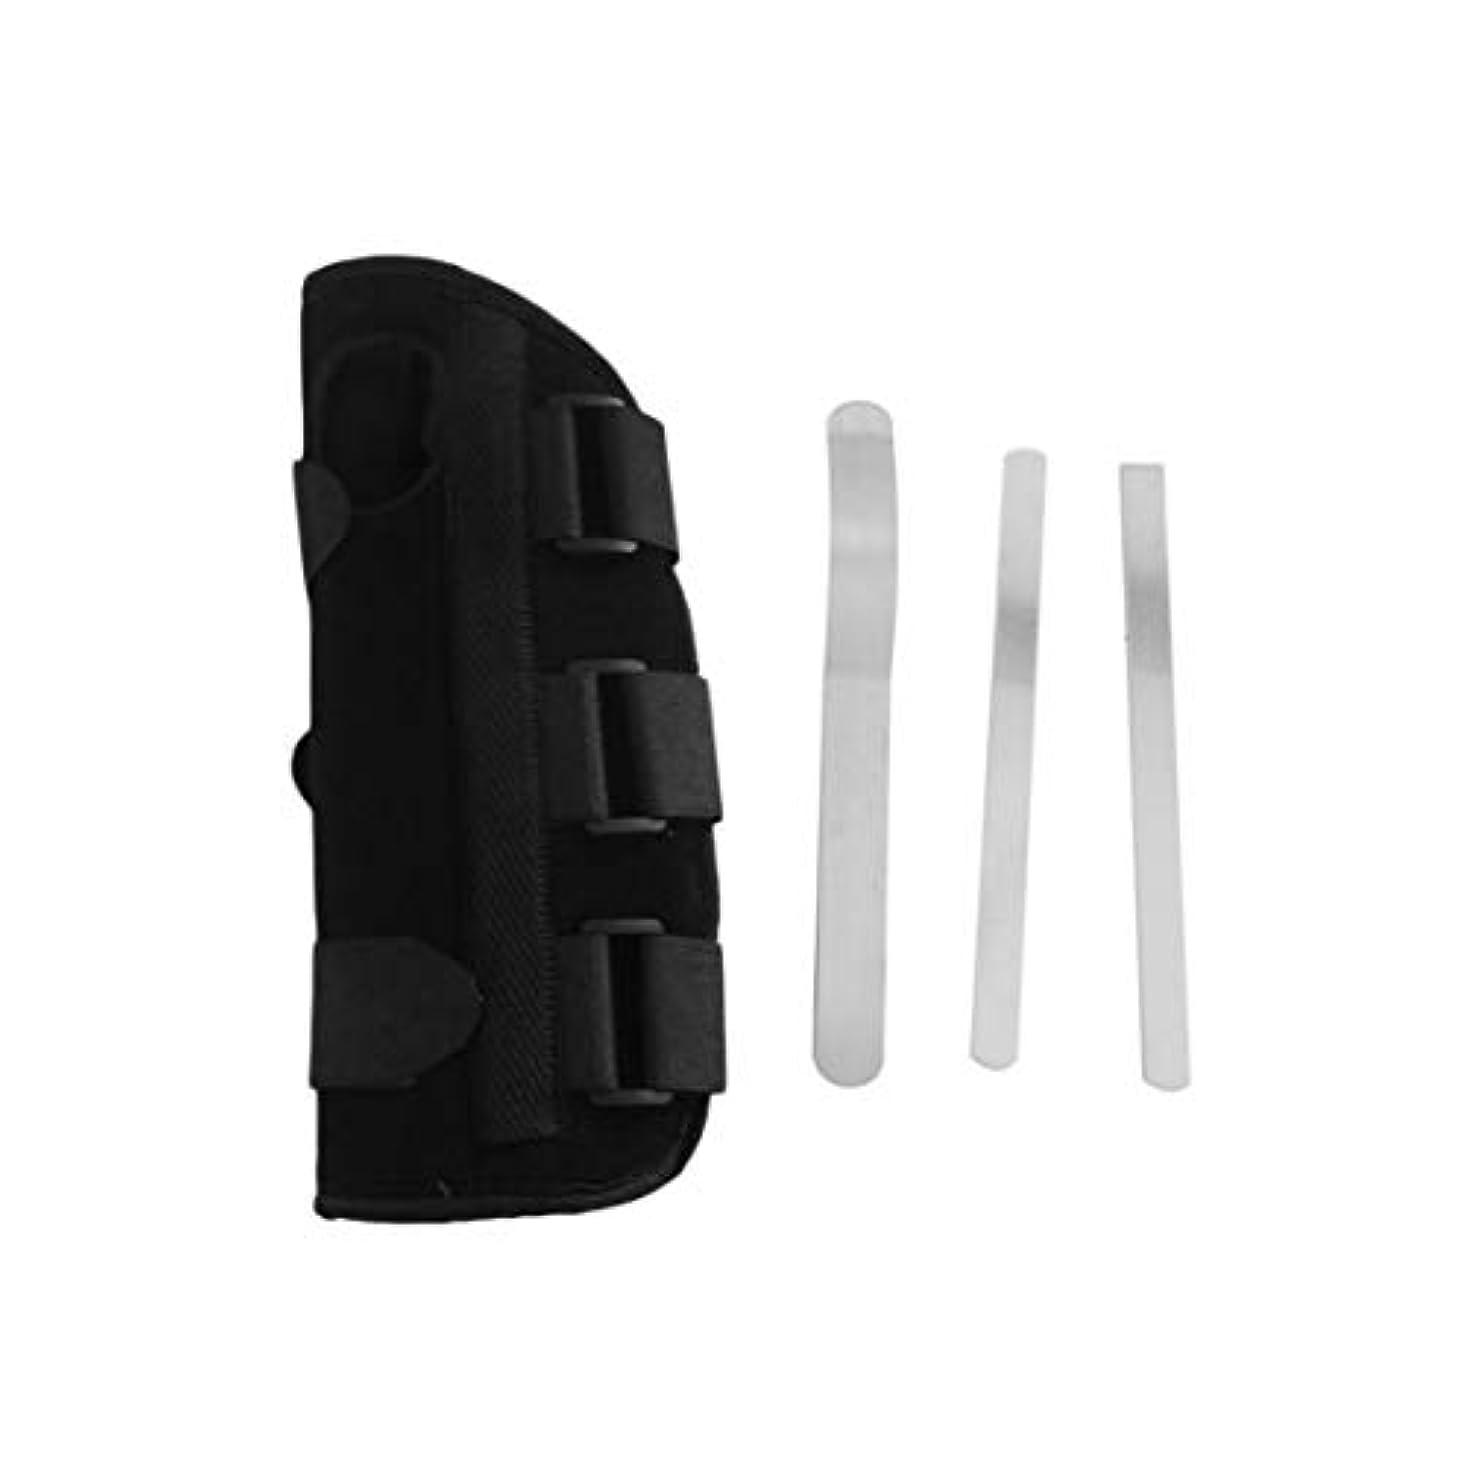 共役伝統的パリティ手首副木ブレース保護サポートストラップカルペルトンネルCTS RSI痛み軽減リムーバブル副木快適な軽量ストラップ - ブラックM